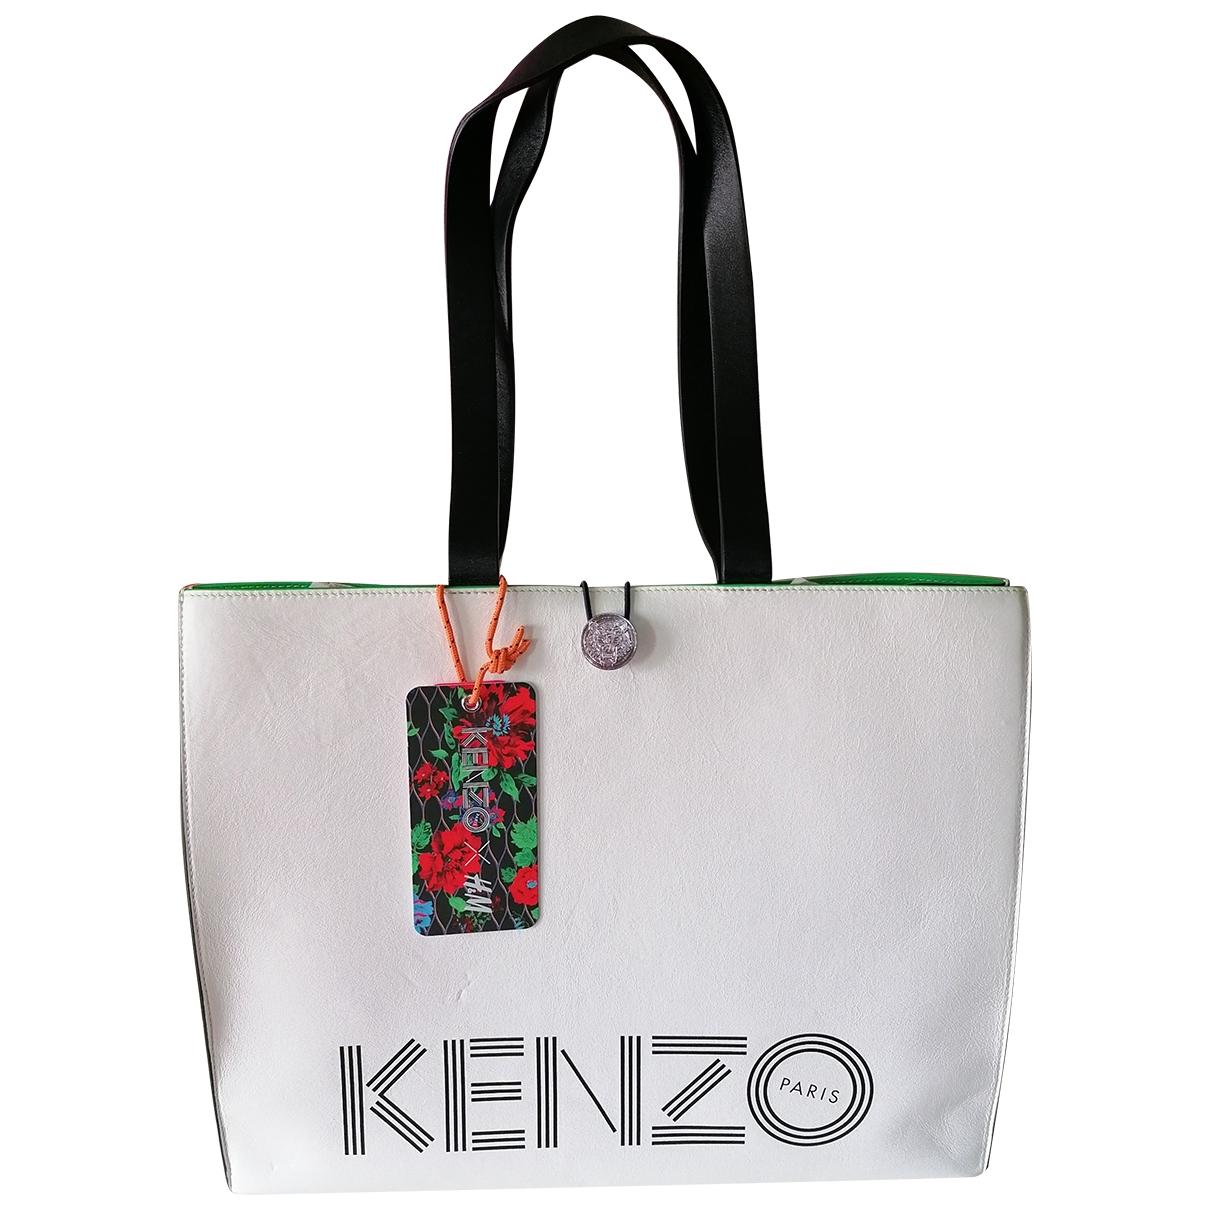 Kenzo X H&m - Sac a main   pour femme en cuir - blanc